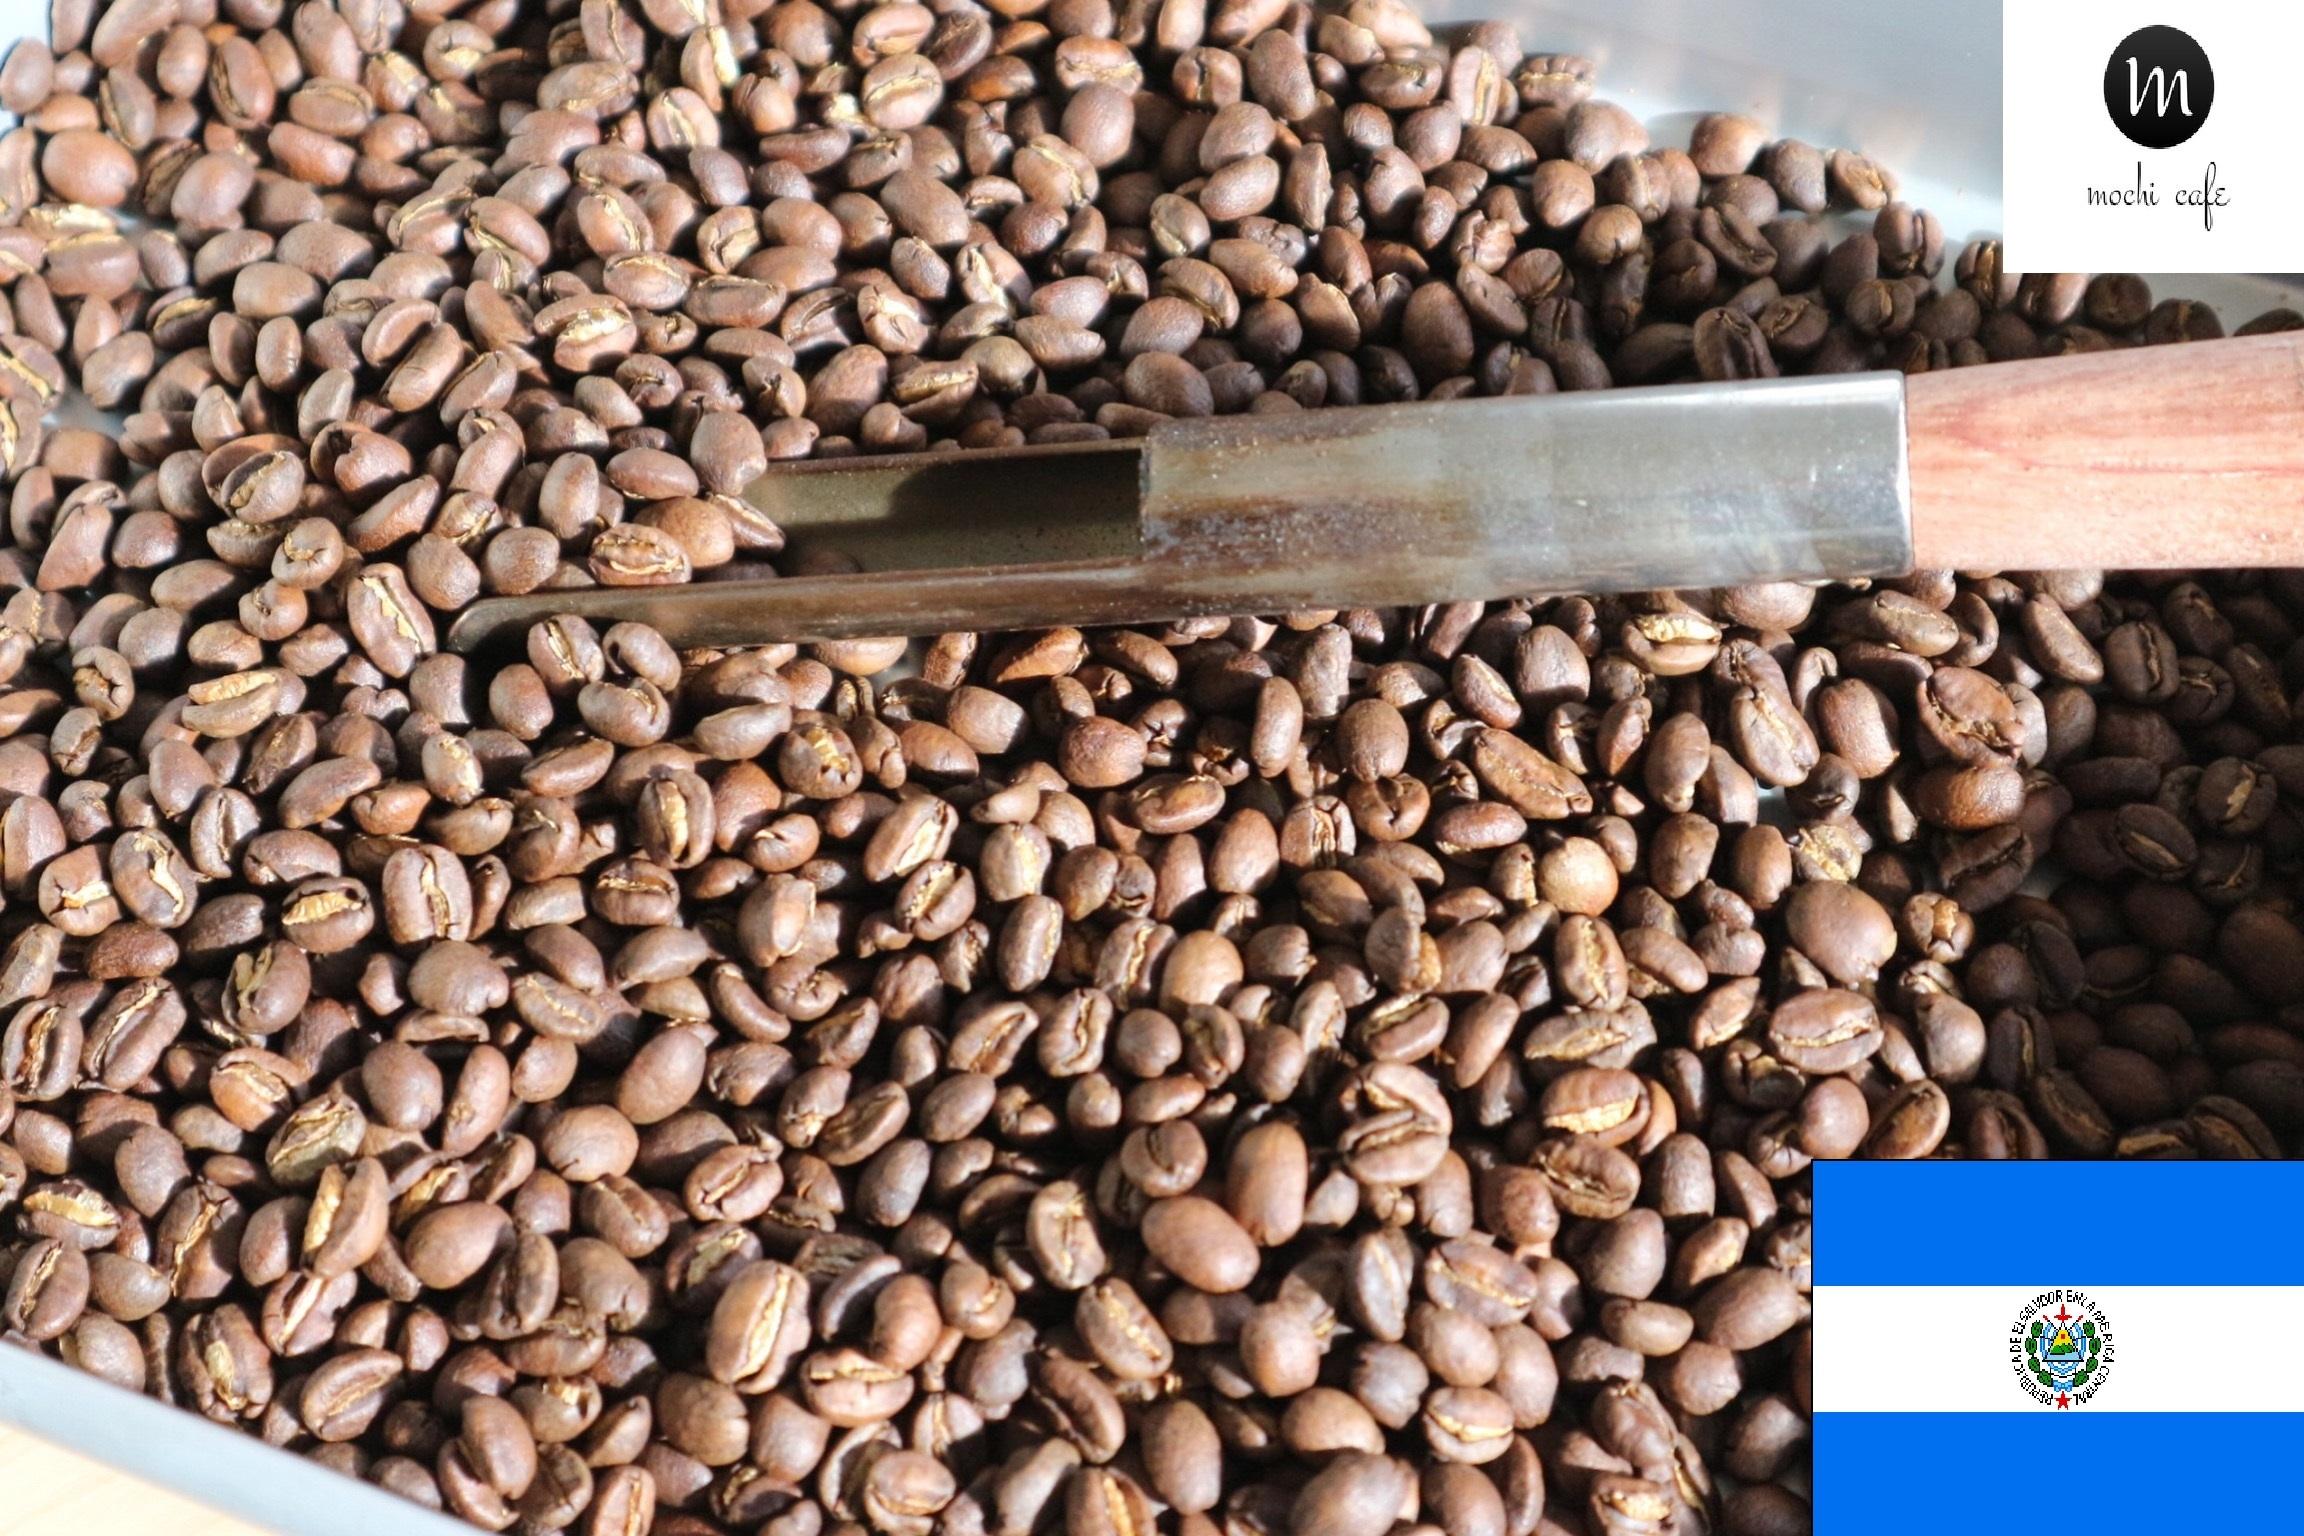 自家焙煎珈琲 エルサルバドル ホセ オヴィディオ フローレス - フィンカ エルトロンピージョ-パカマラ - ウォッシュド 100g